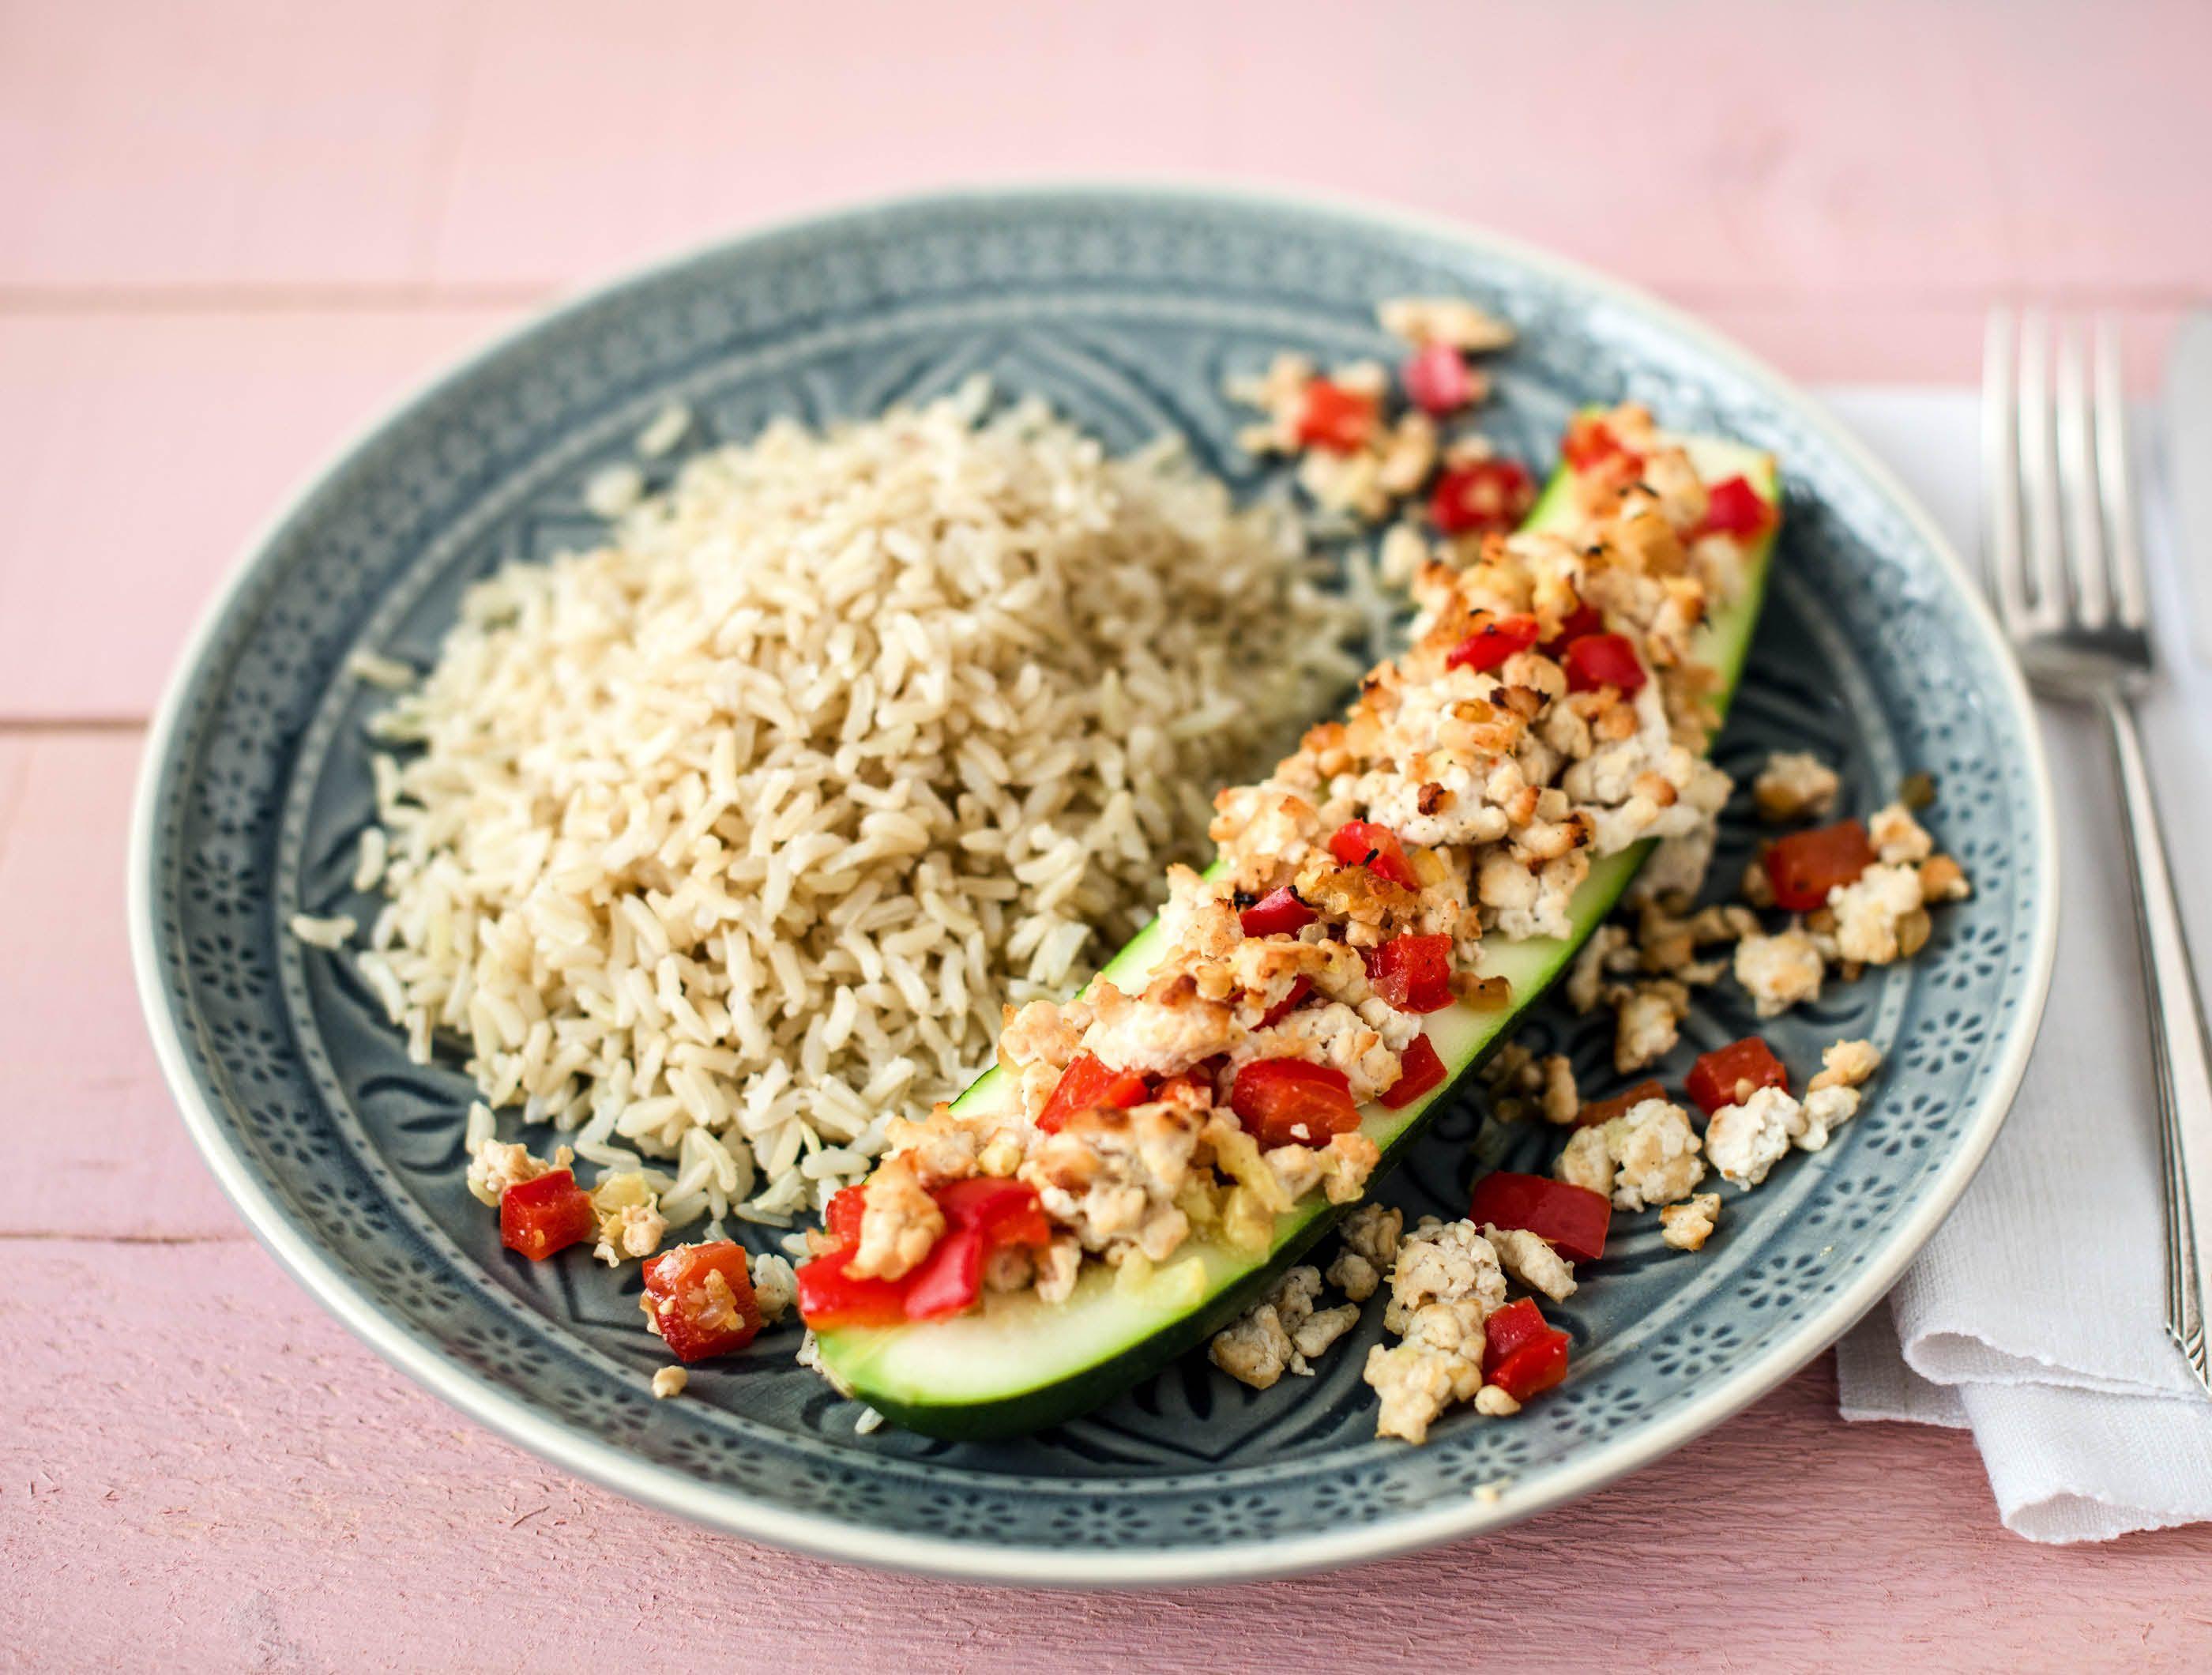 Courgette gevuld met kipgehakt, rode paprika en rijst